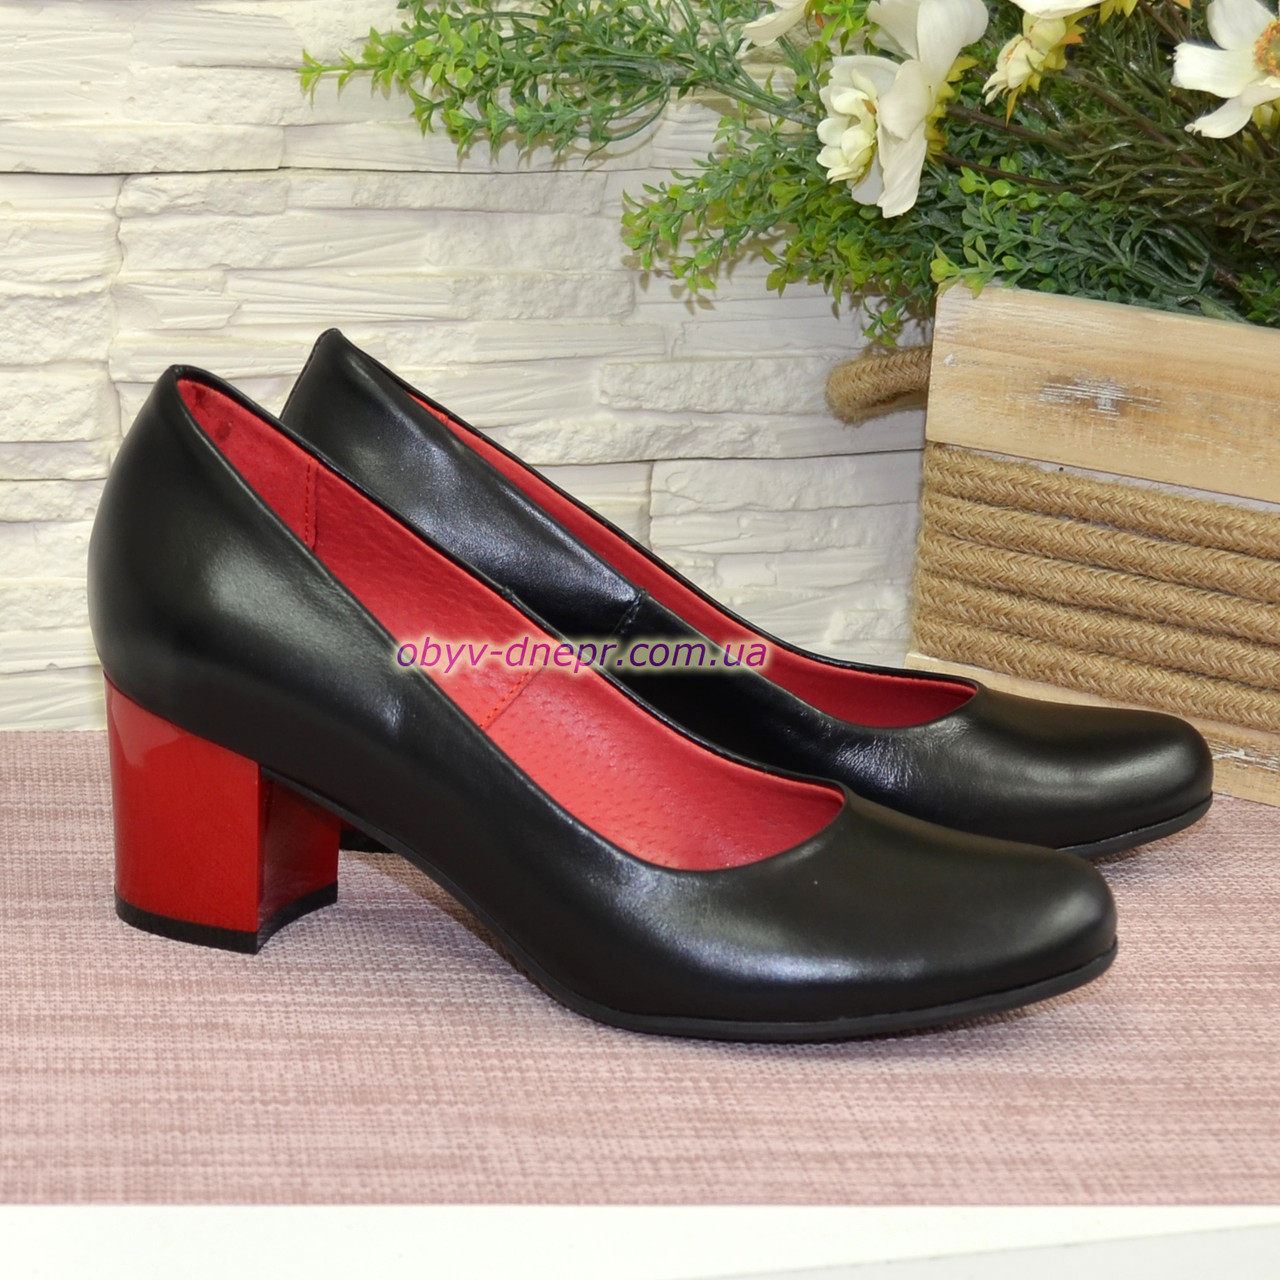 Женские черные кожаные туфли на невысоком устойчивом каблуке